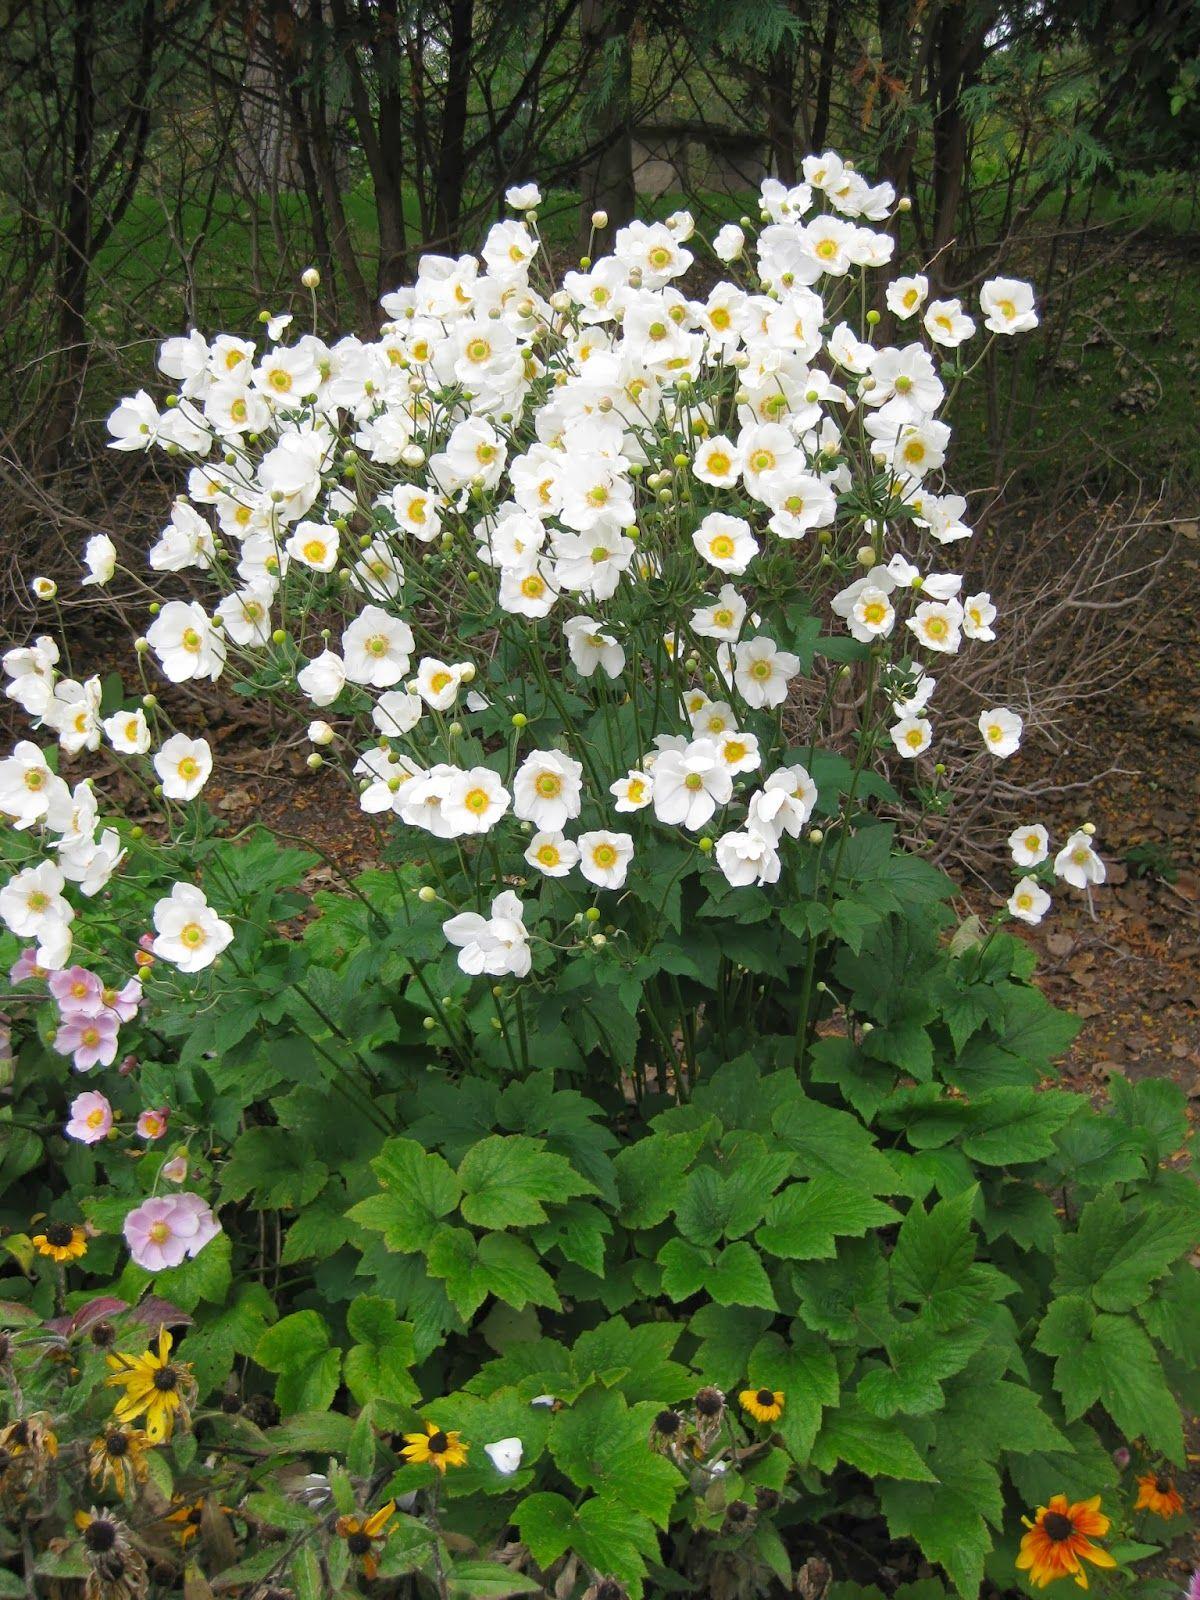 Rotary Botanical Gardens Hort Blog The Moonlit Garden Herbaceous Perennials Shade Garden Plants Plants